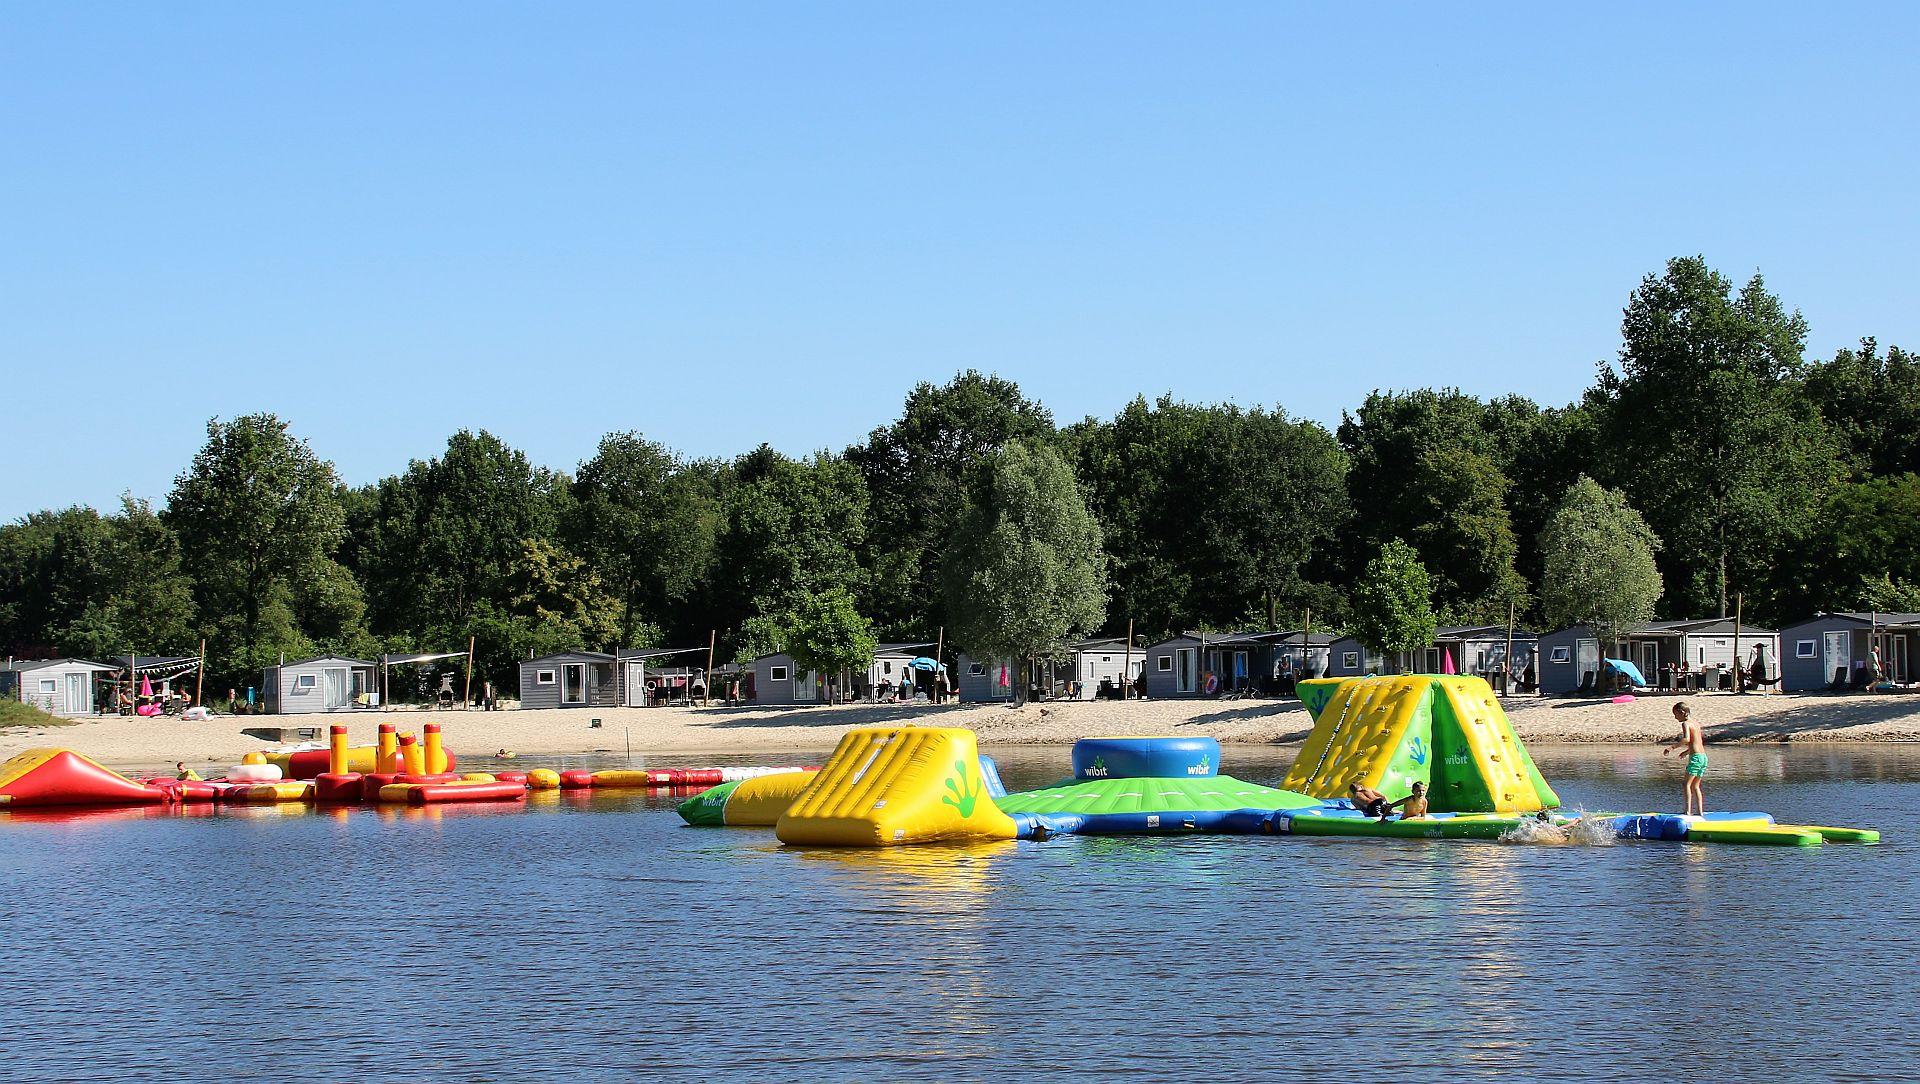 Dagactiviteiten in Overijssel met een unieke strandbelevenis - dagactiviteiten in Overijssel